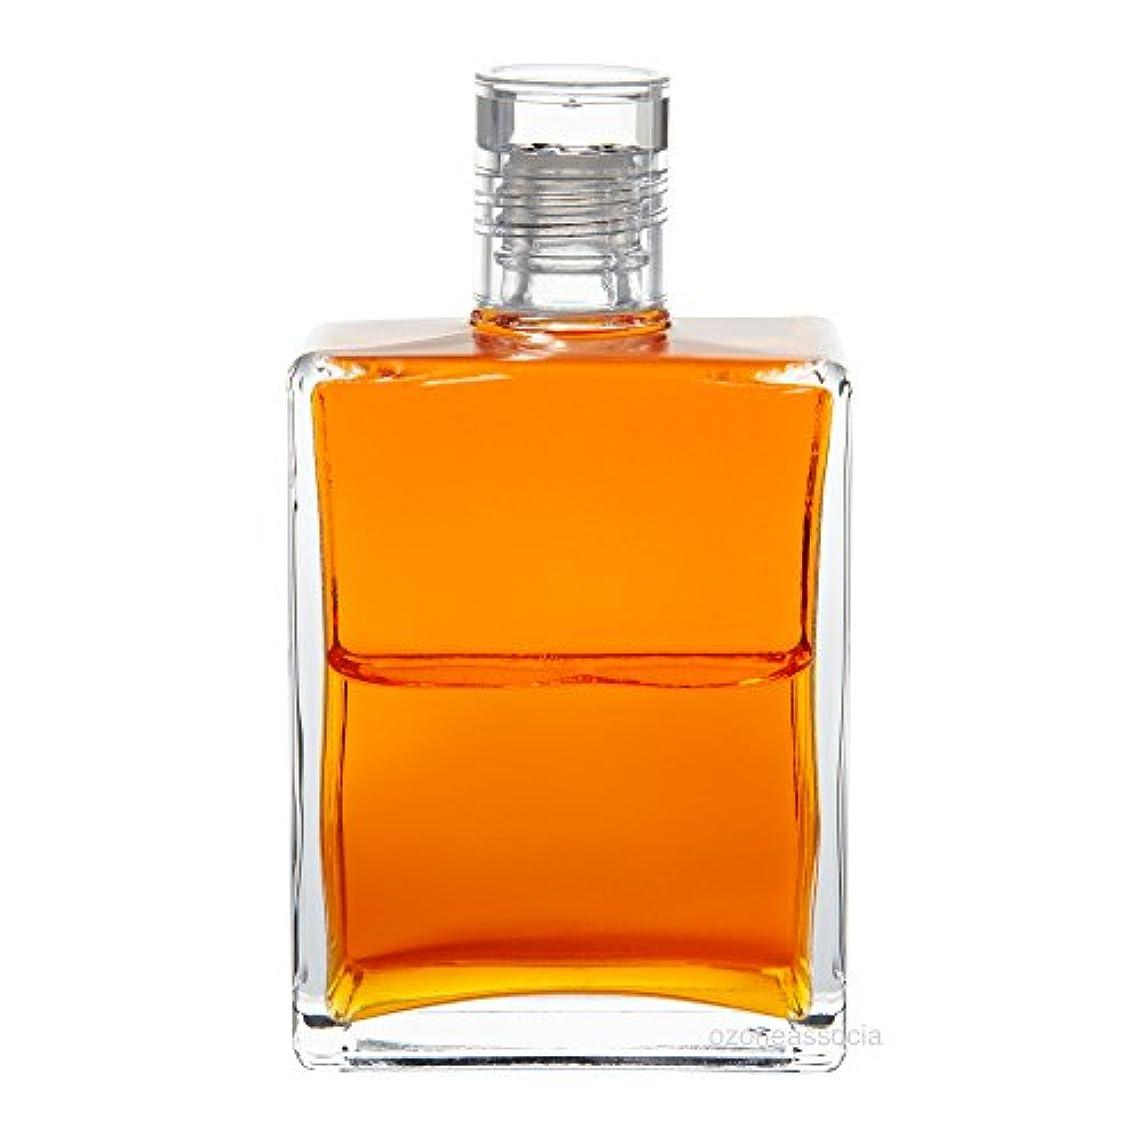 一貫性のない減衰あえてオーラソーマ ボトル 26番  エーテルレスキュー/パンプティ?ダンプティボトル (オレンジ/オレンジ) イクイリブリアムボトル50ml Aurasoma